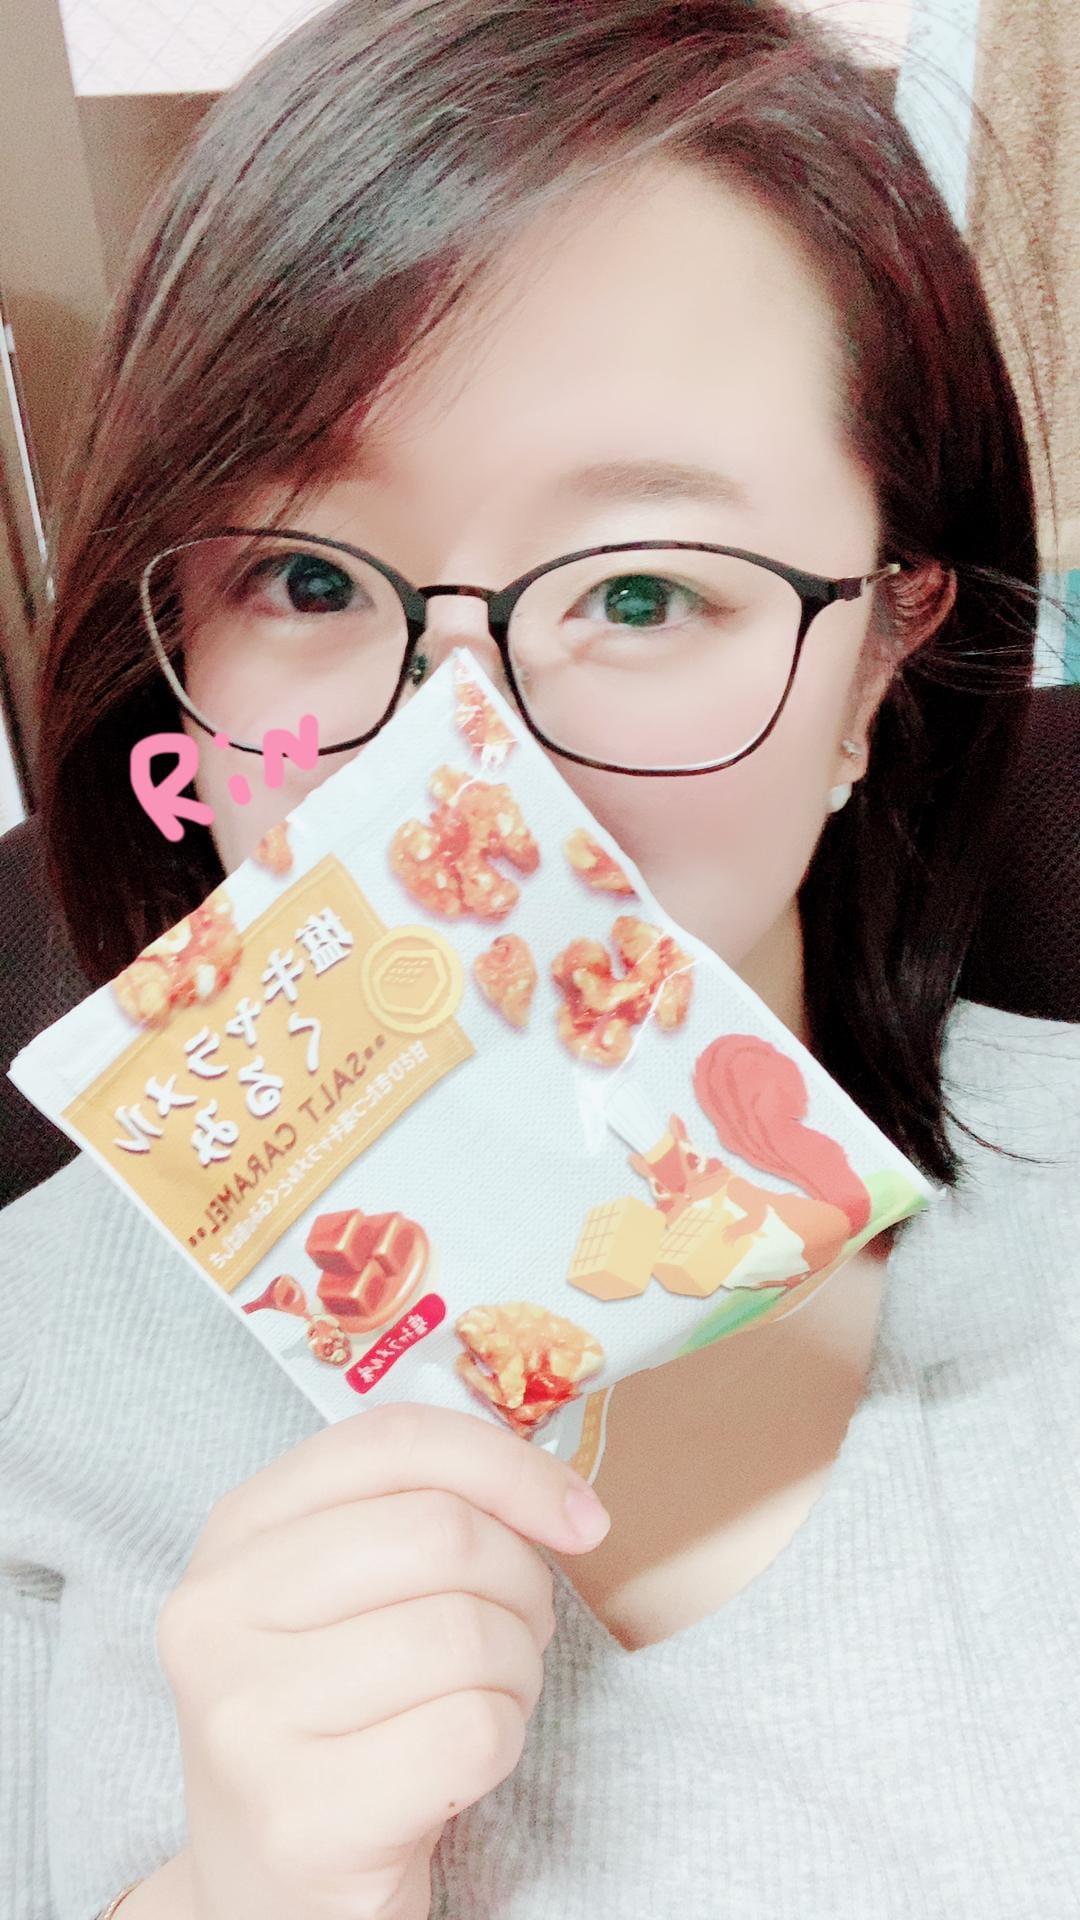 「おはようございます*」11/15(11/15) 10:35 | りんちゃんの写メ・風俗動画